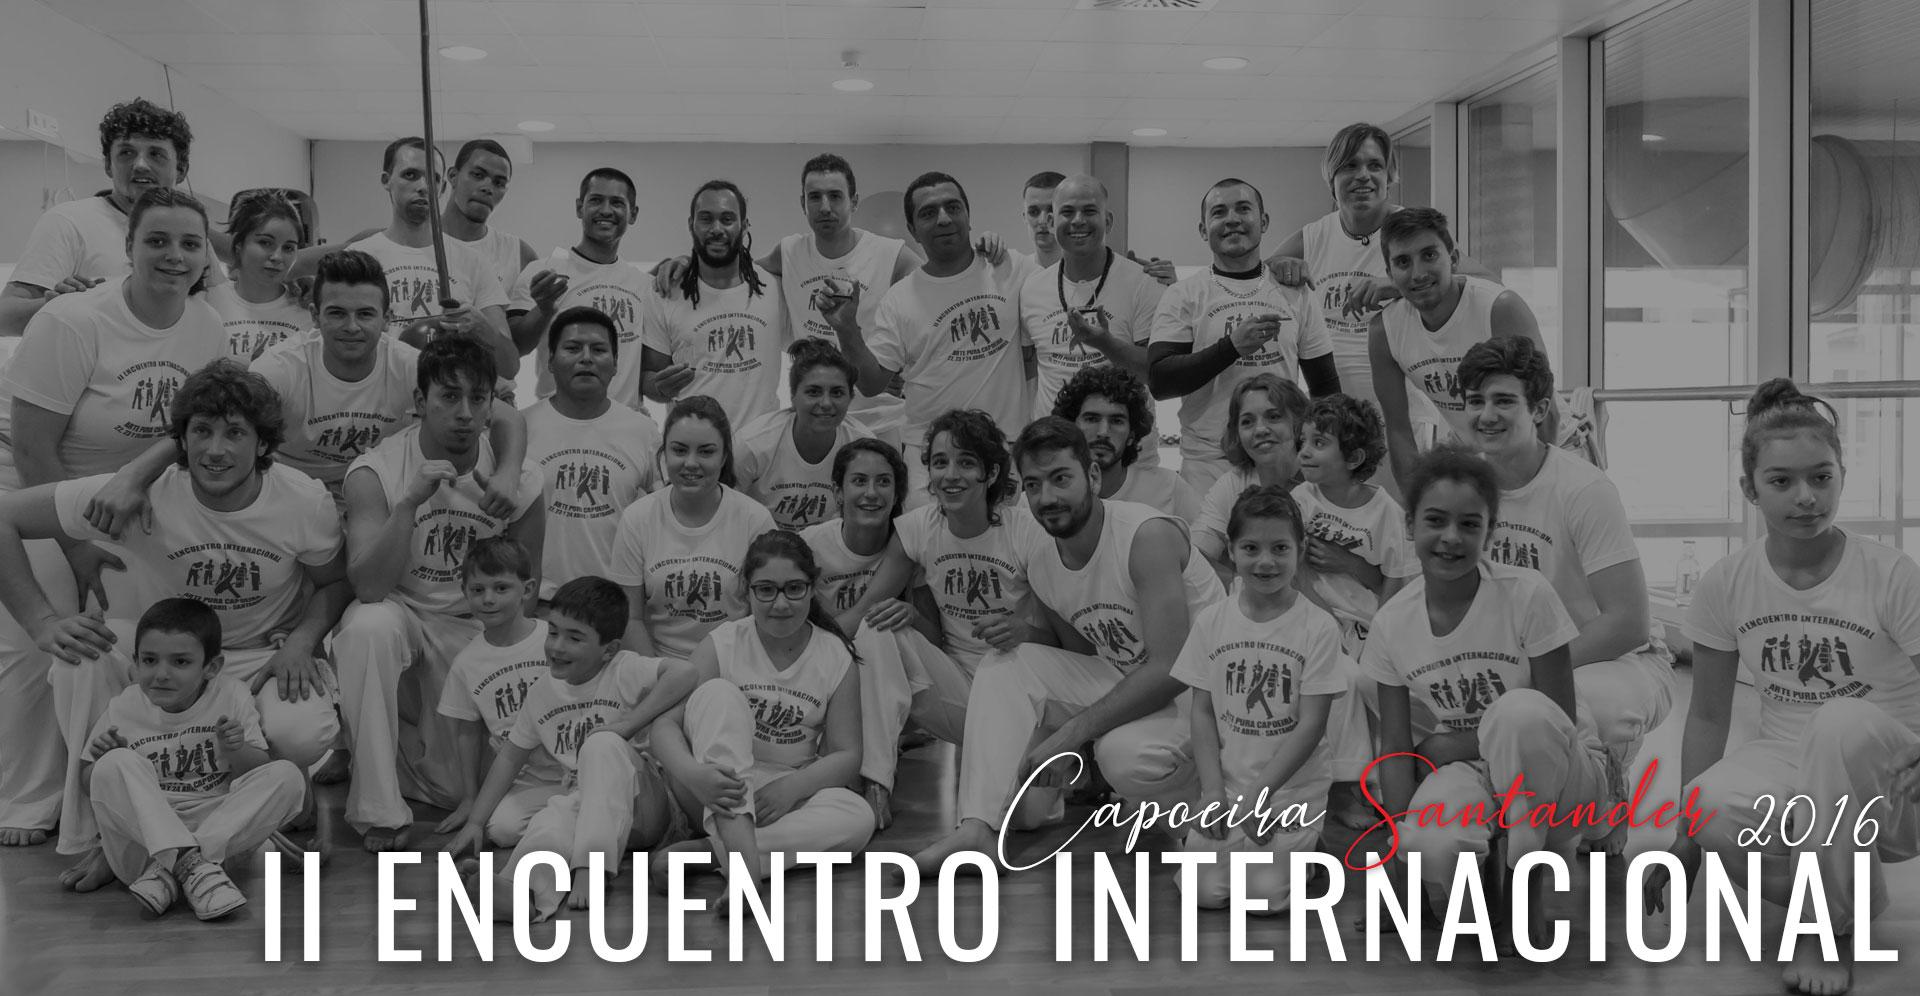 cabecera-pc-festivales-2016-arte-pura-santander-capoeira-cantabria